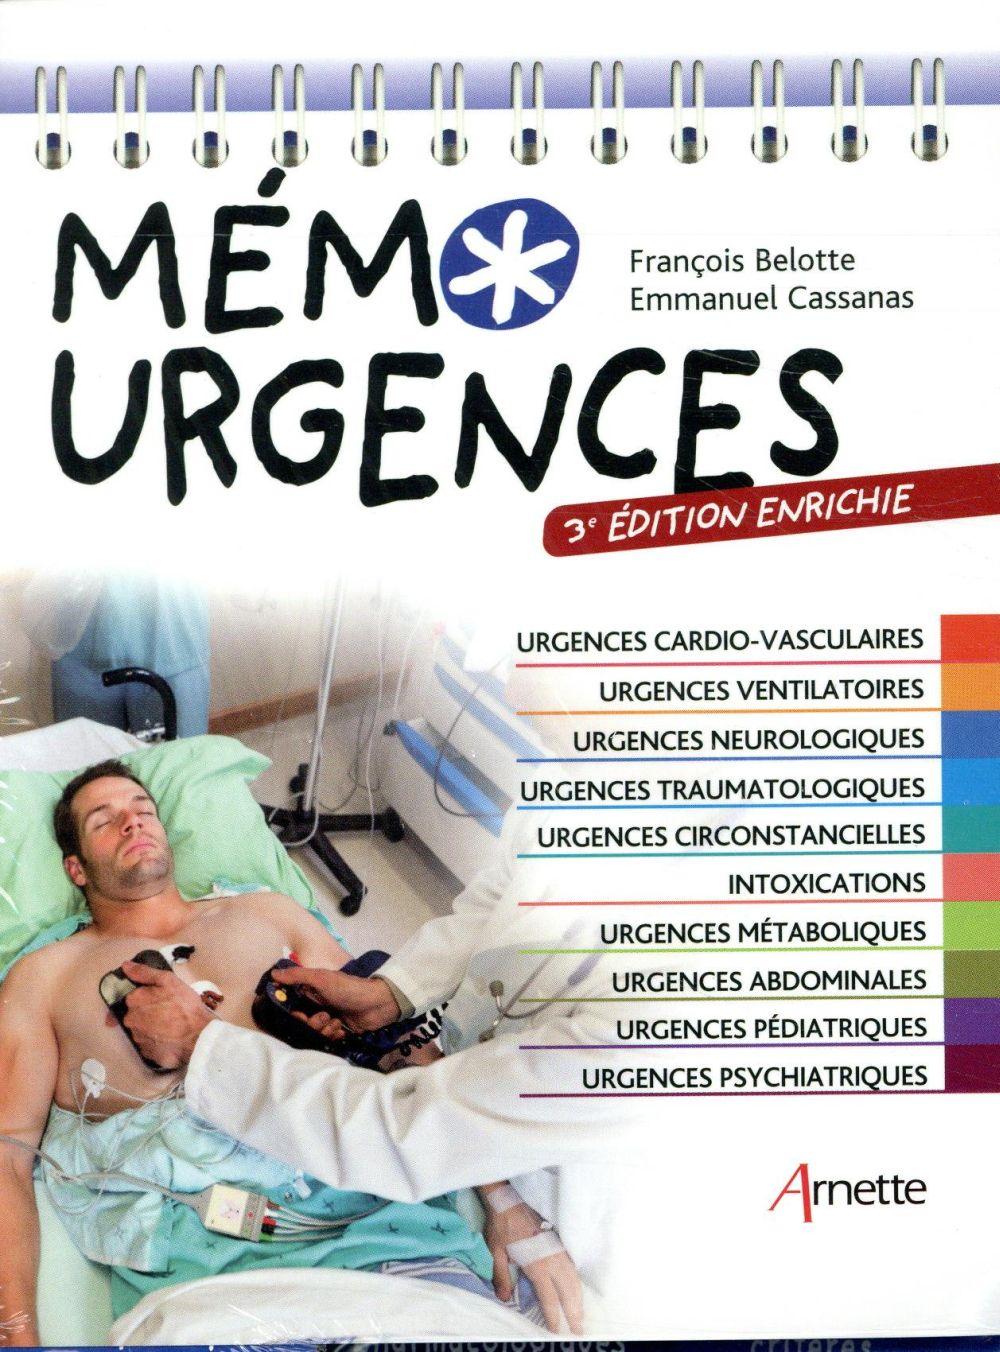 Mémo urgences - Emmanuel Cassanas, François Bellotte - Arnette - Grand  format - Paris Librairies